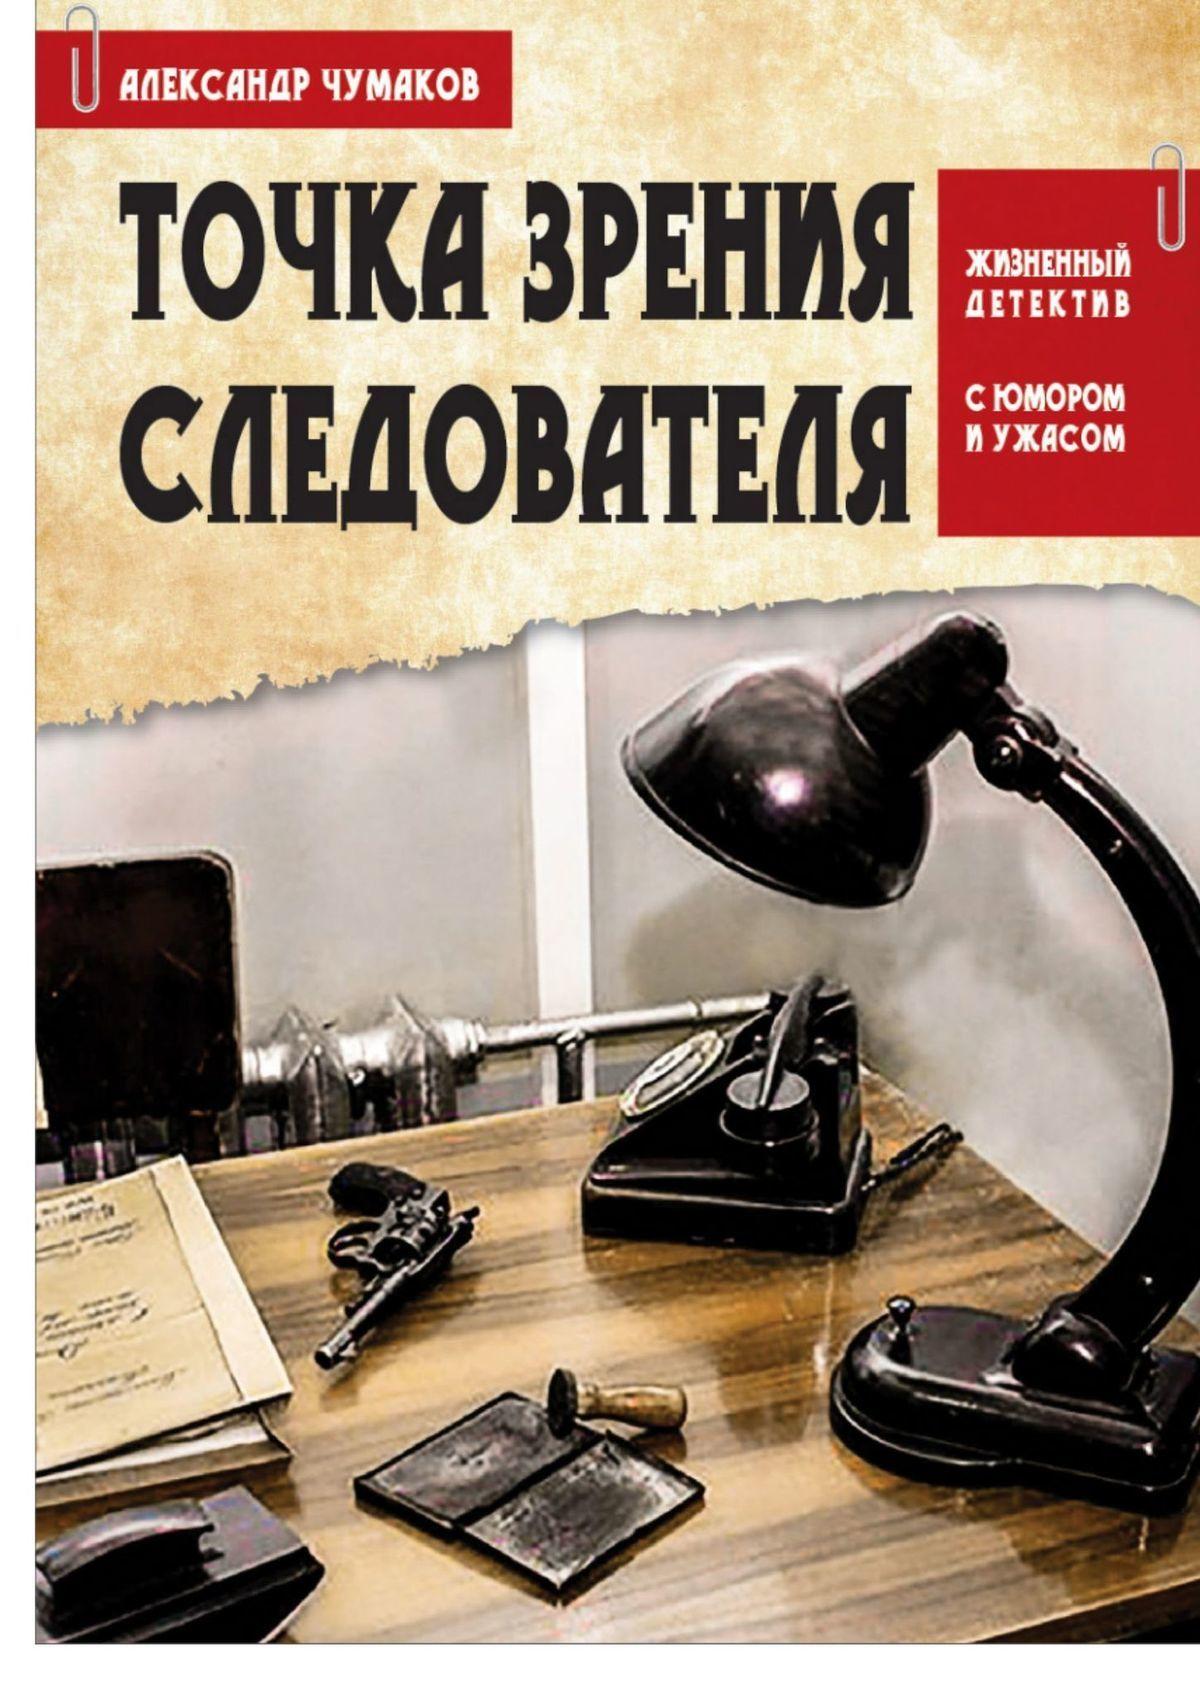 Александр Чумаков - ТОЧКА ЗРЕНИЯ СЛЕДОВАТЕЛЯ. Жизненный детектив с юмором и ужасом